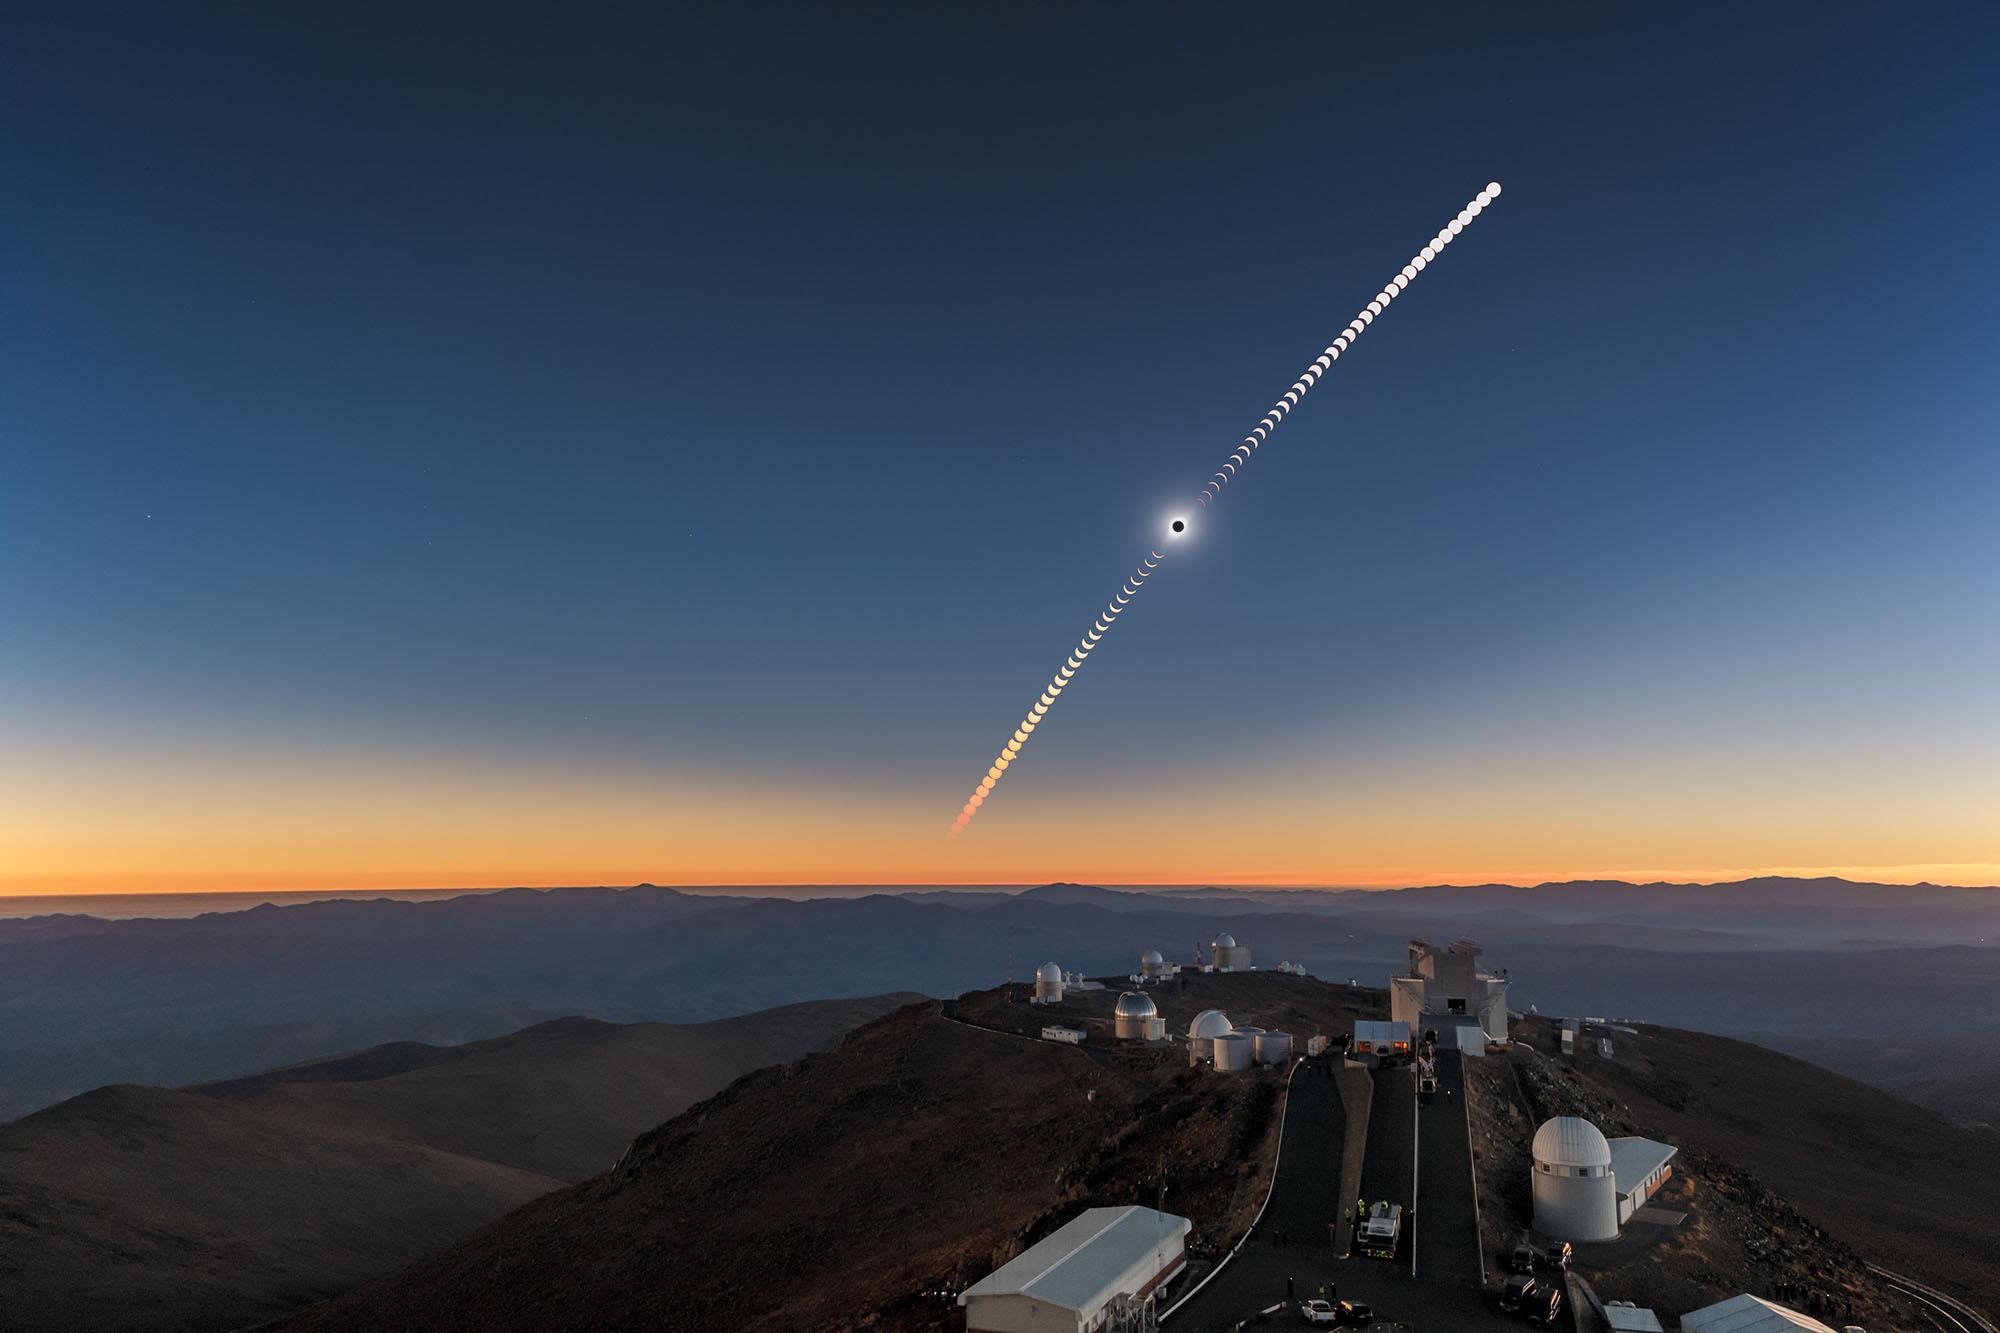 Cette image composite montre l'éclipse solaire totale du 2 juillet 2019 au-dessus de l'observatoire de La Silla au Chili.